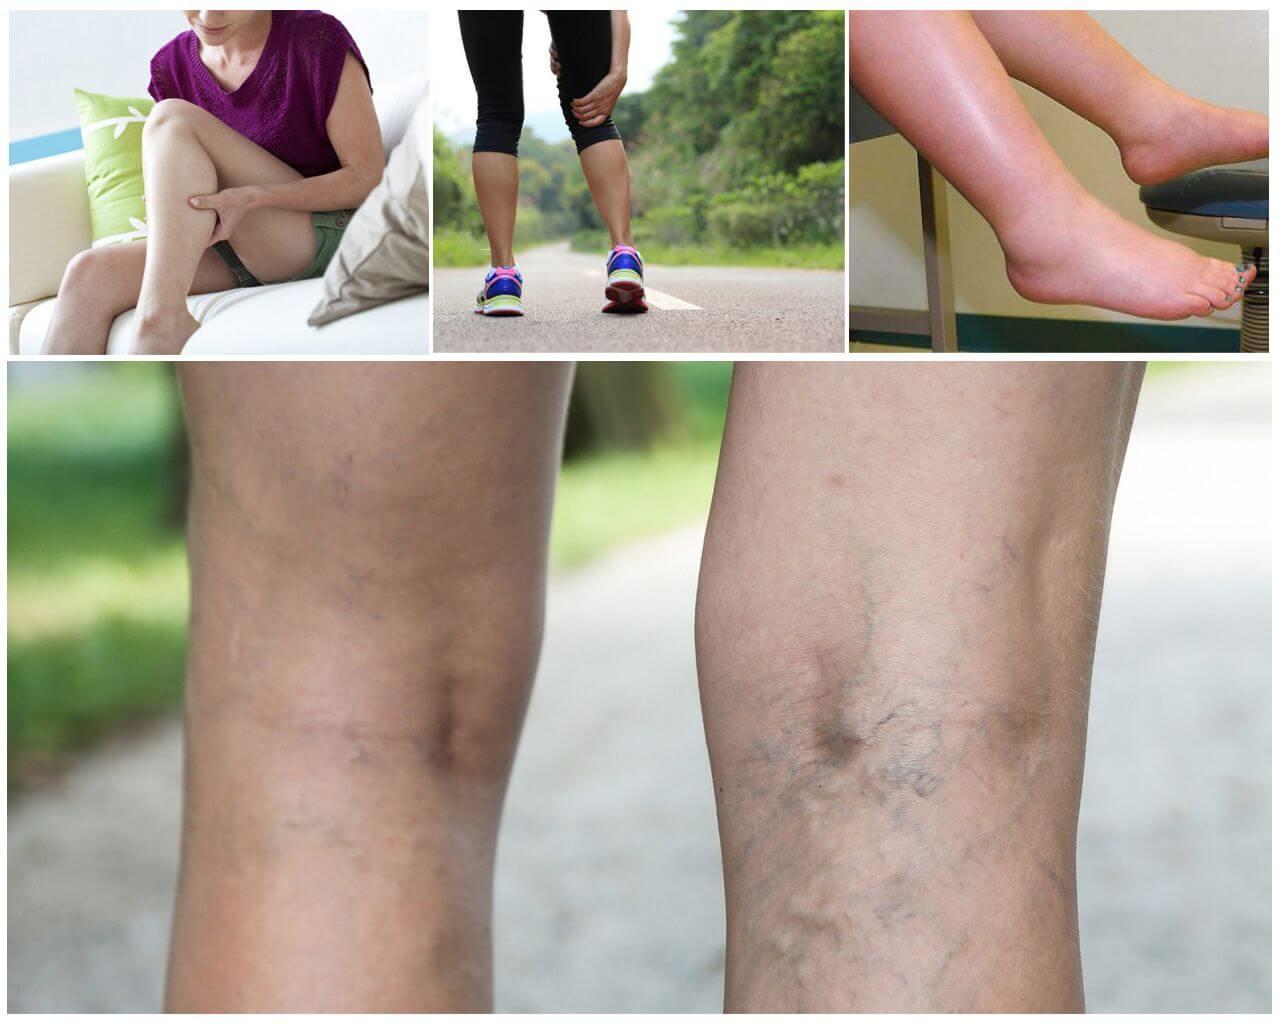 Варикозное расширение вен нижних конечностей симптомы